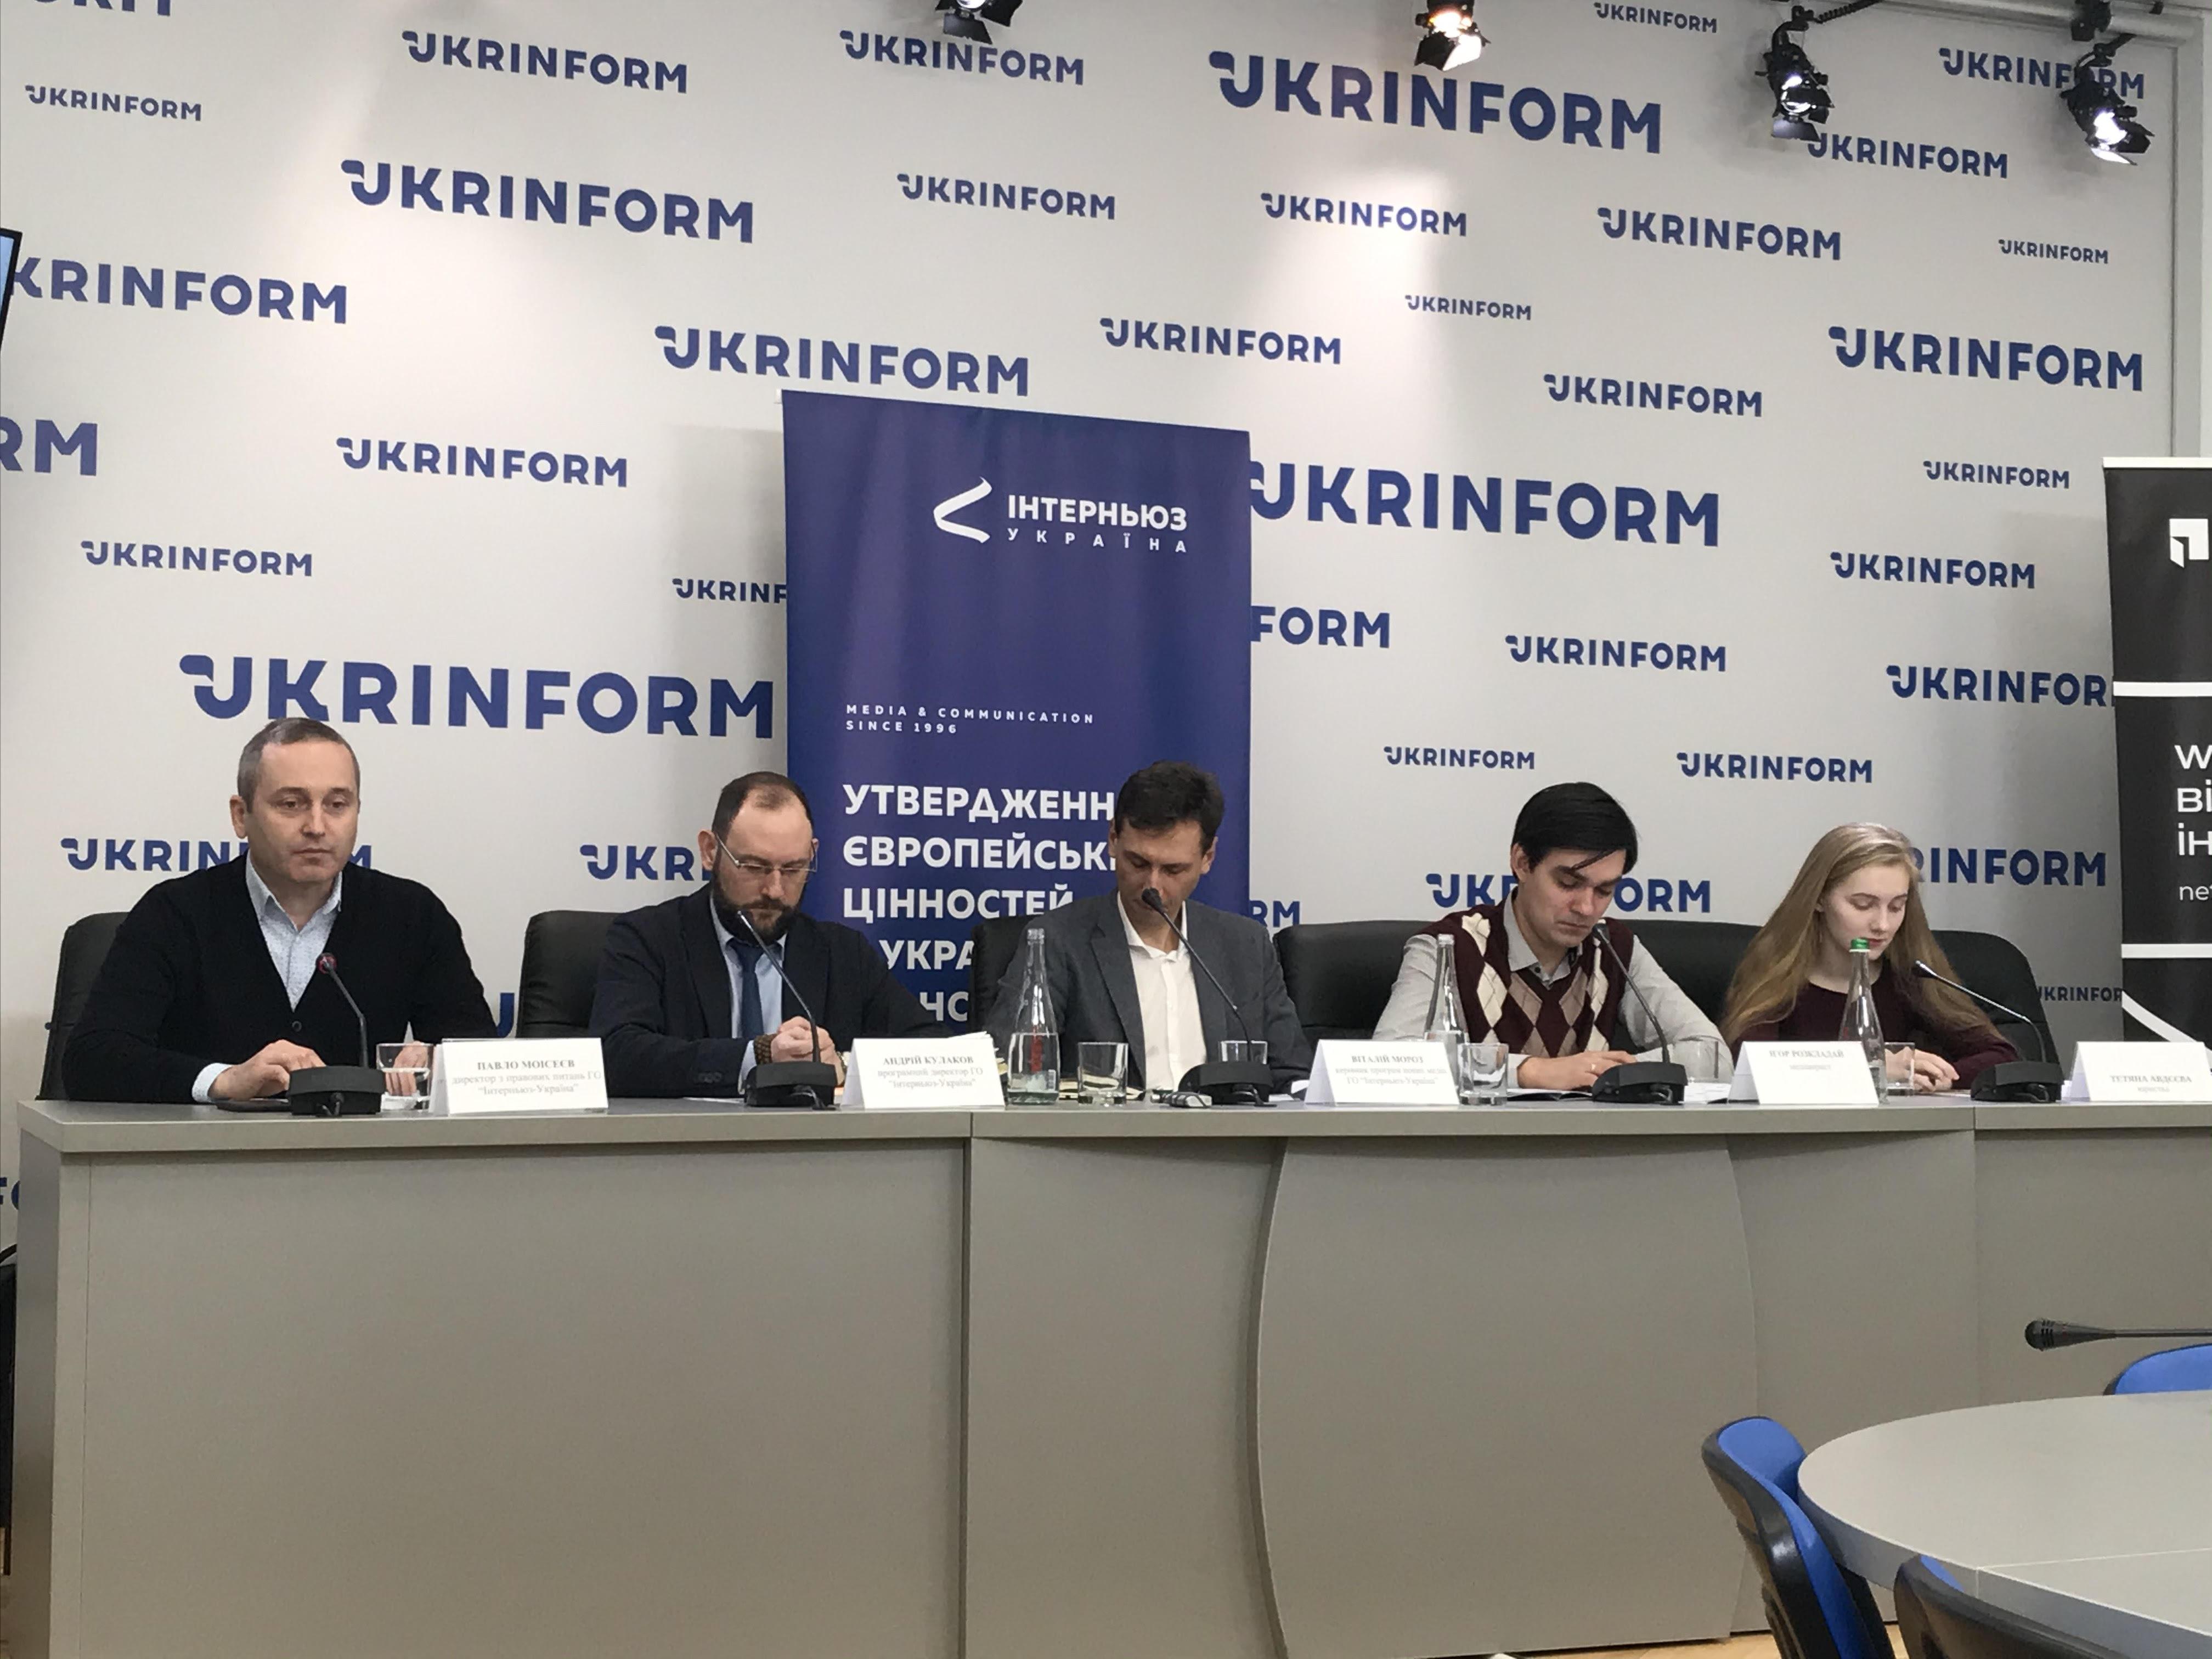 Законопроєкти про дезінформацію й про медіа потребують доопрацювання – експертне дослідження «Інтерньюз-Україна»